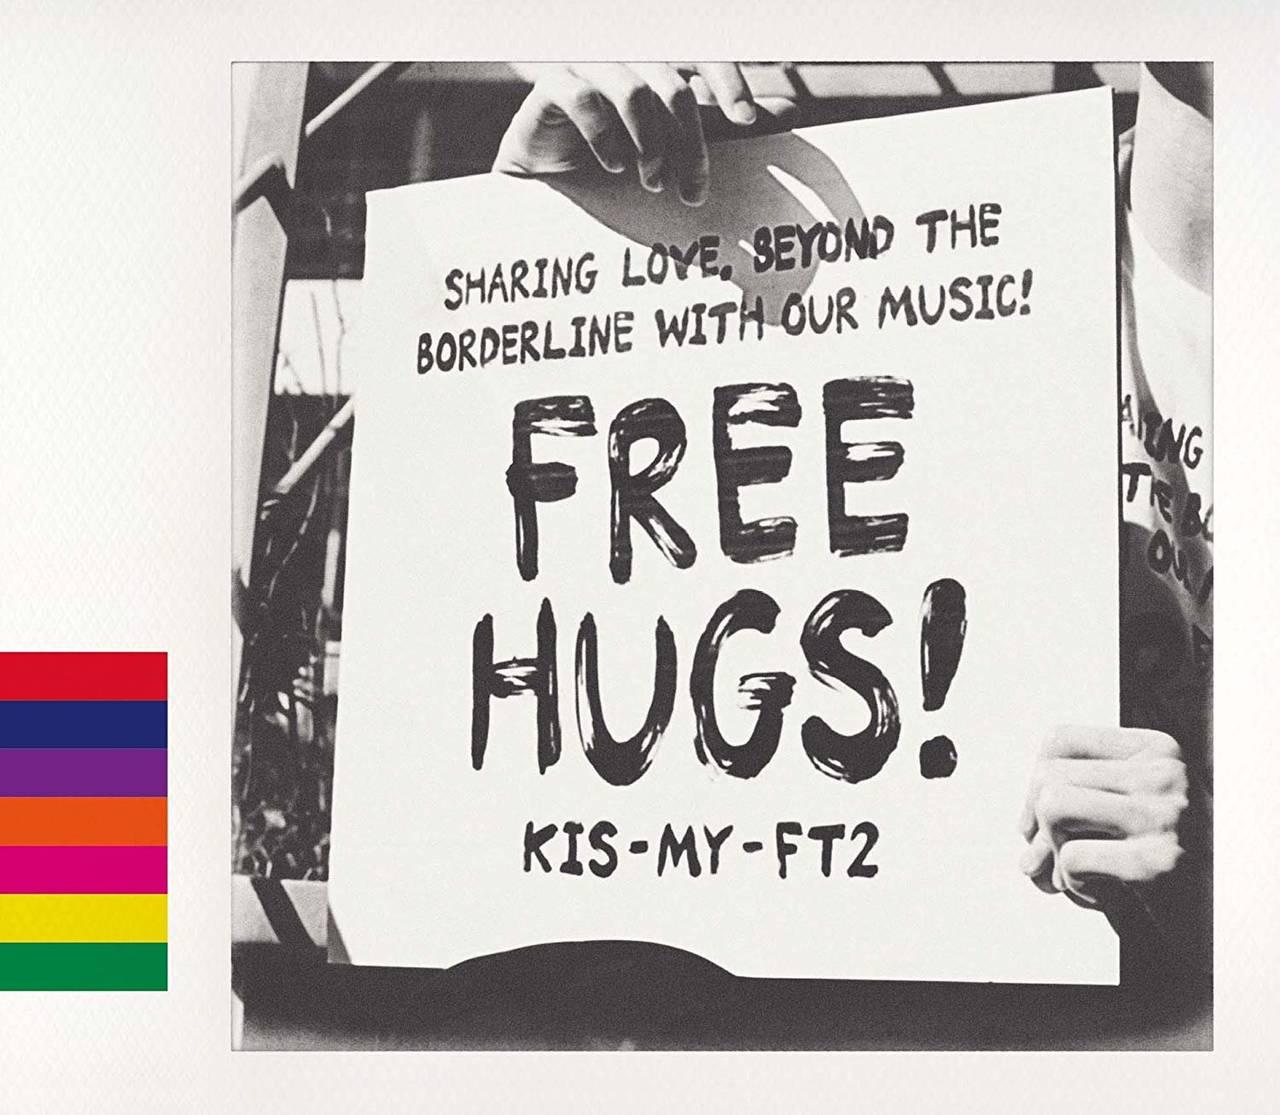 Kis-My-Ft2「HUG & WALK」MVがYouTube再生回数100万回突破